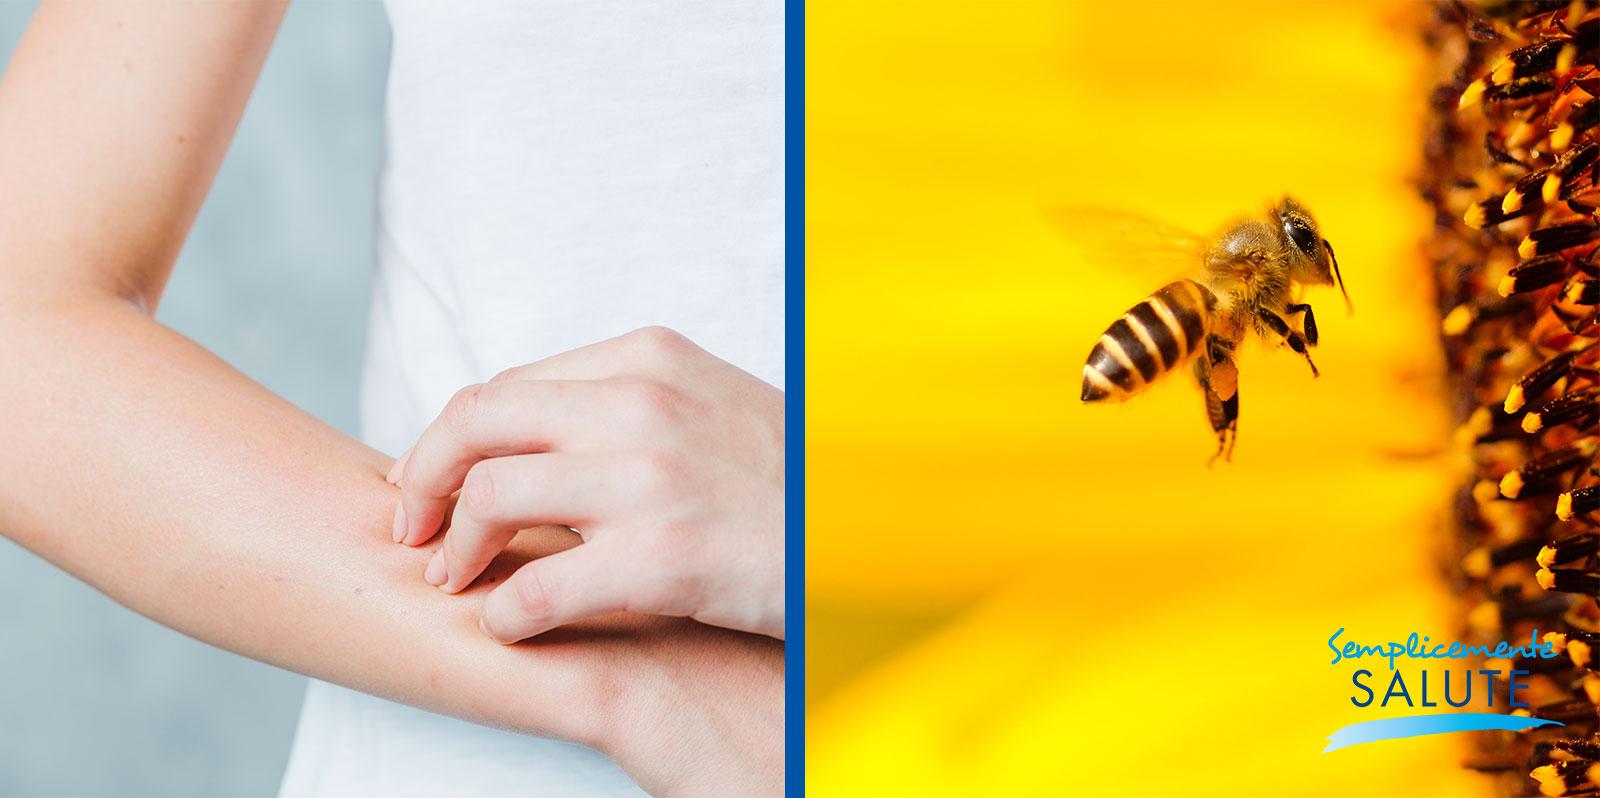 La chimica dietro al pic di un ape